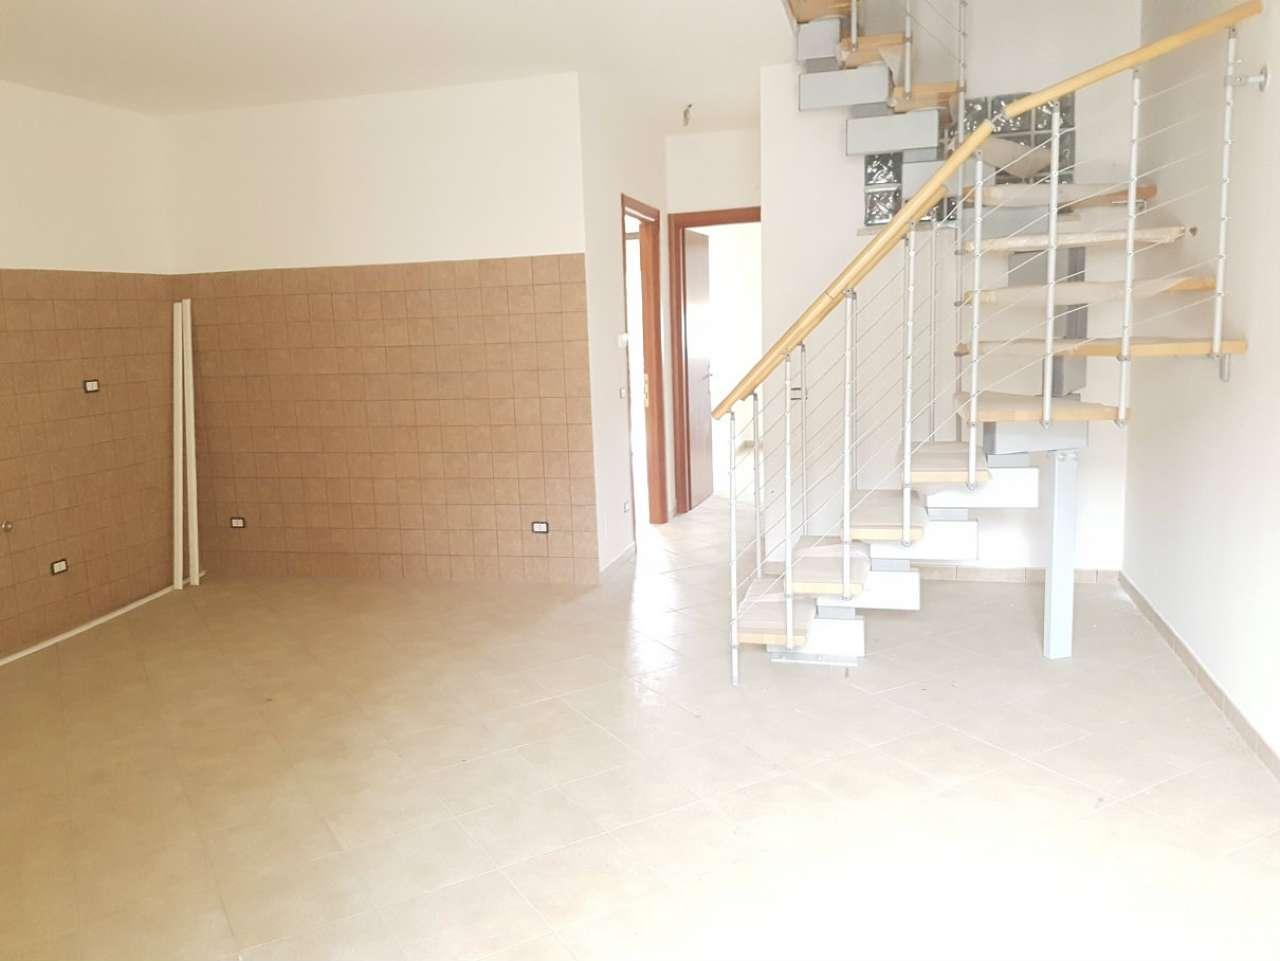 Appartamento in vendita a Capena, 4 locali, prezzo € 99.000 | Cambio Casa.it